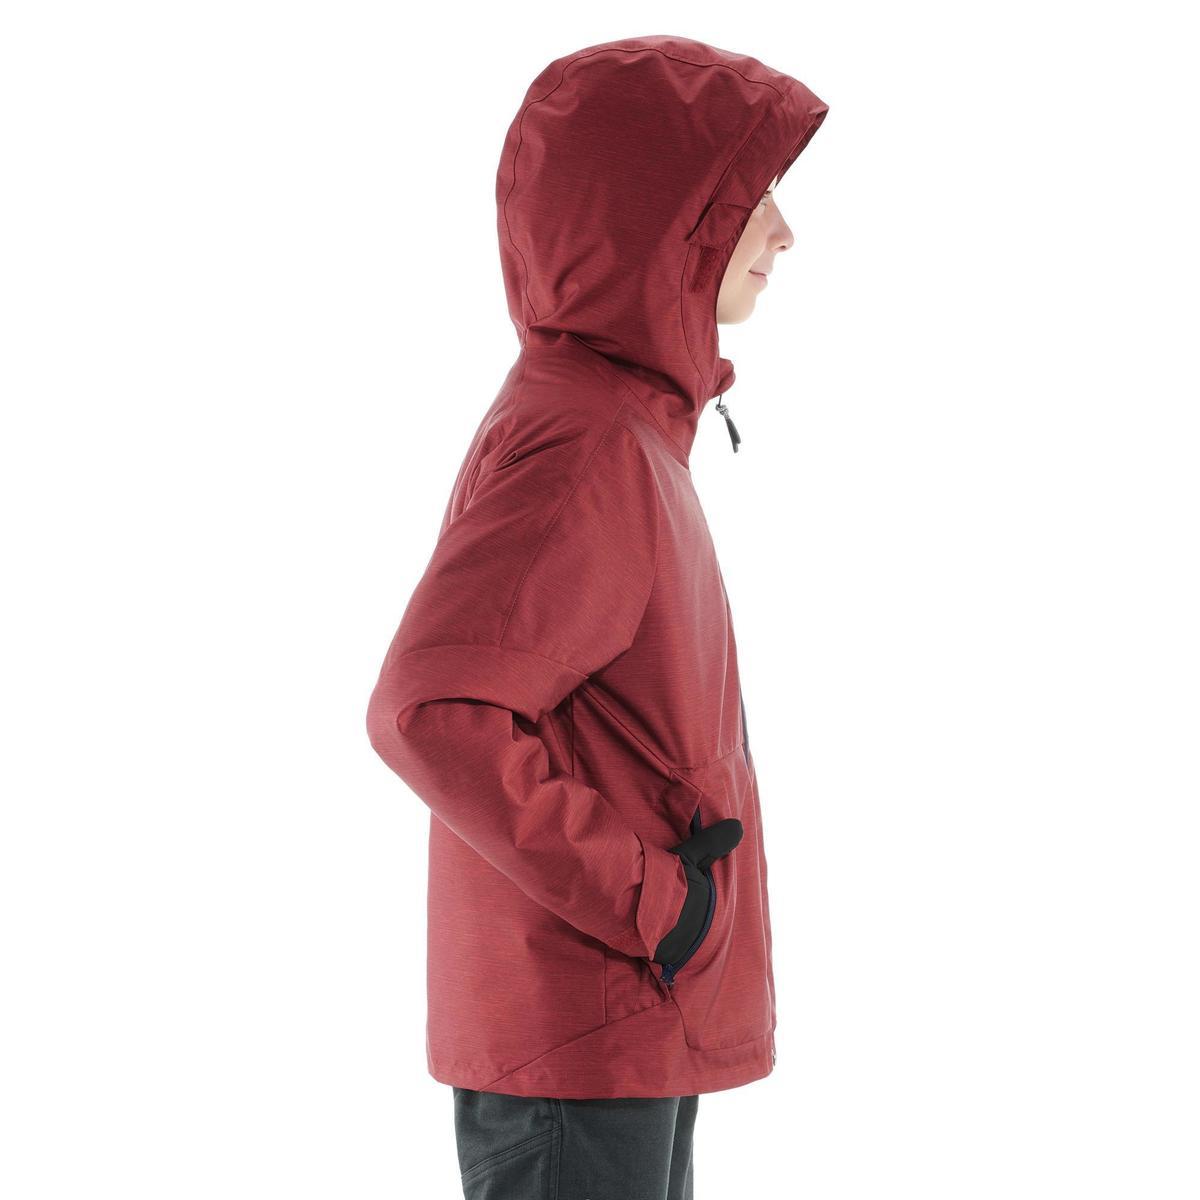 Bild 3 von Wanderjacke Schnee SH100 Warm Kinder rot